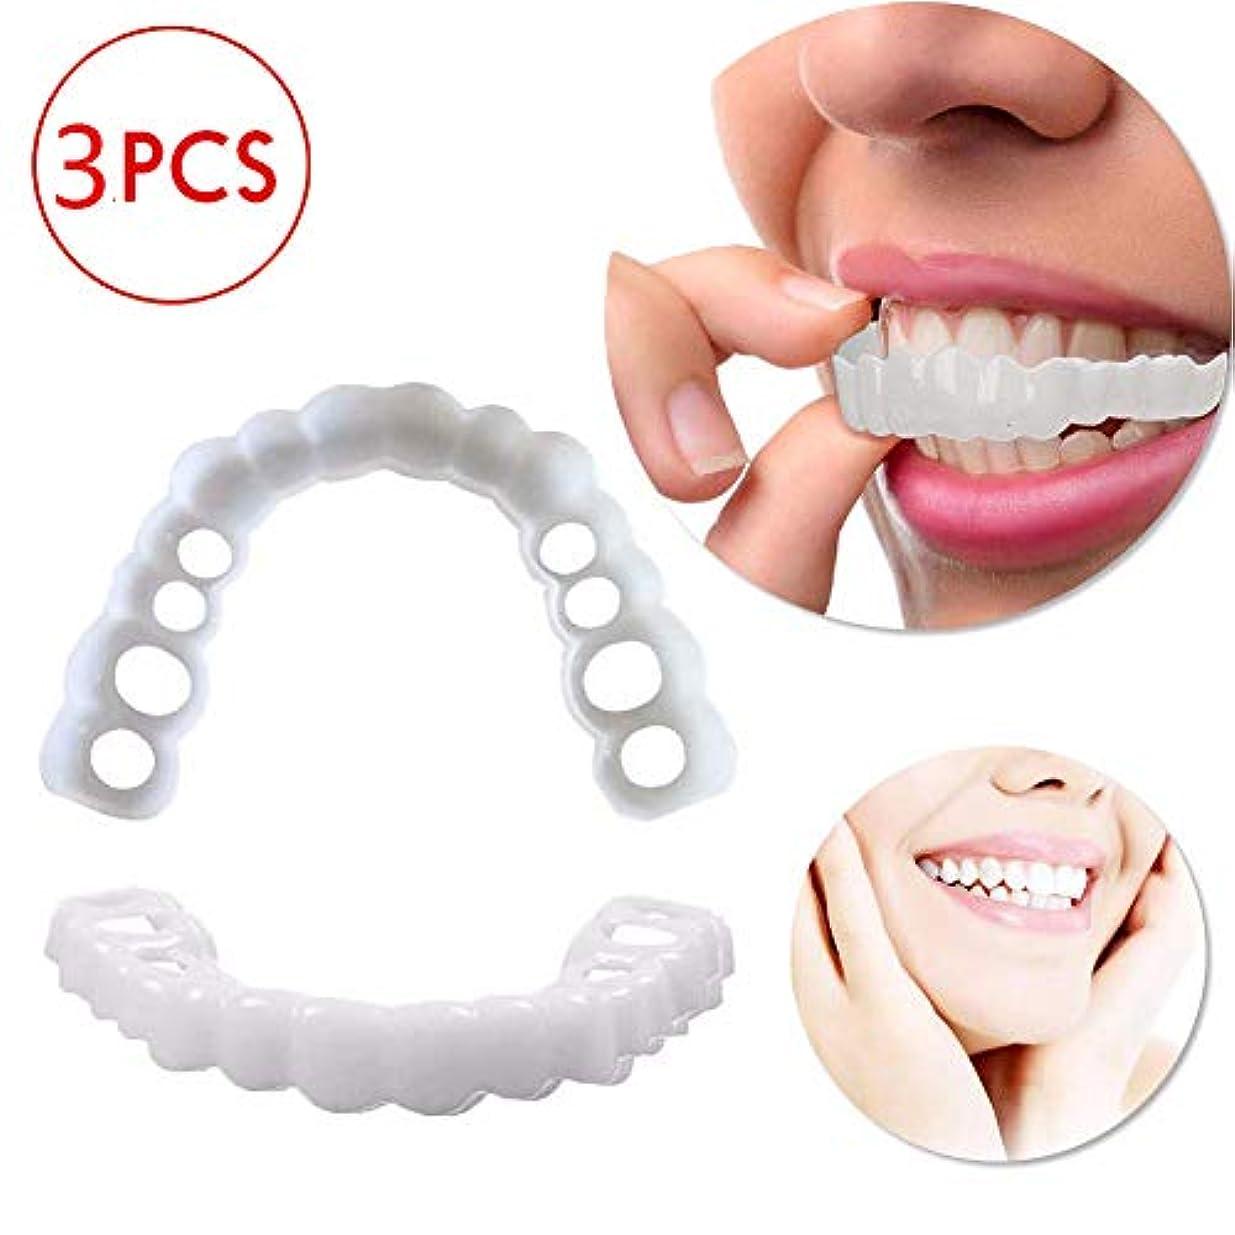 インペリアル協力する私たちのもの3ピース一時的な歯ベニヤブレース歯化粧品ホワイトニング義歯偽歯カバー収納ボックス付き,3pcslowerteeth